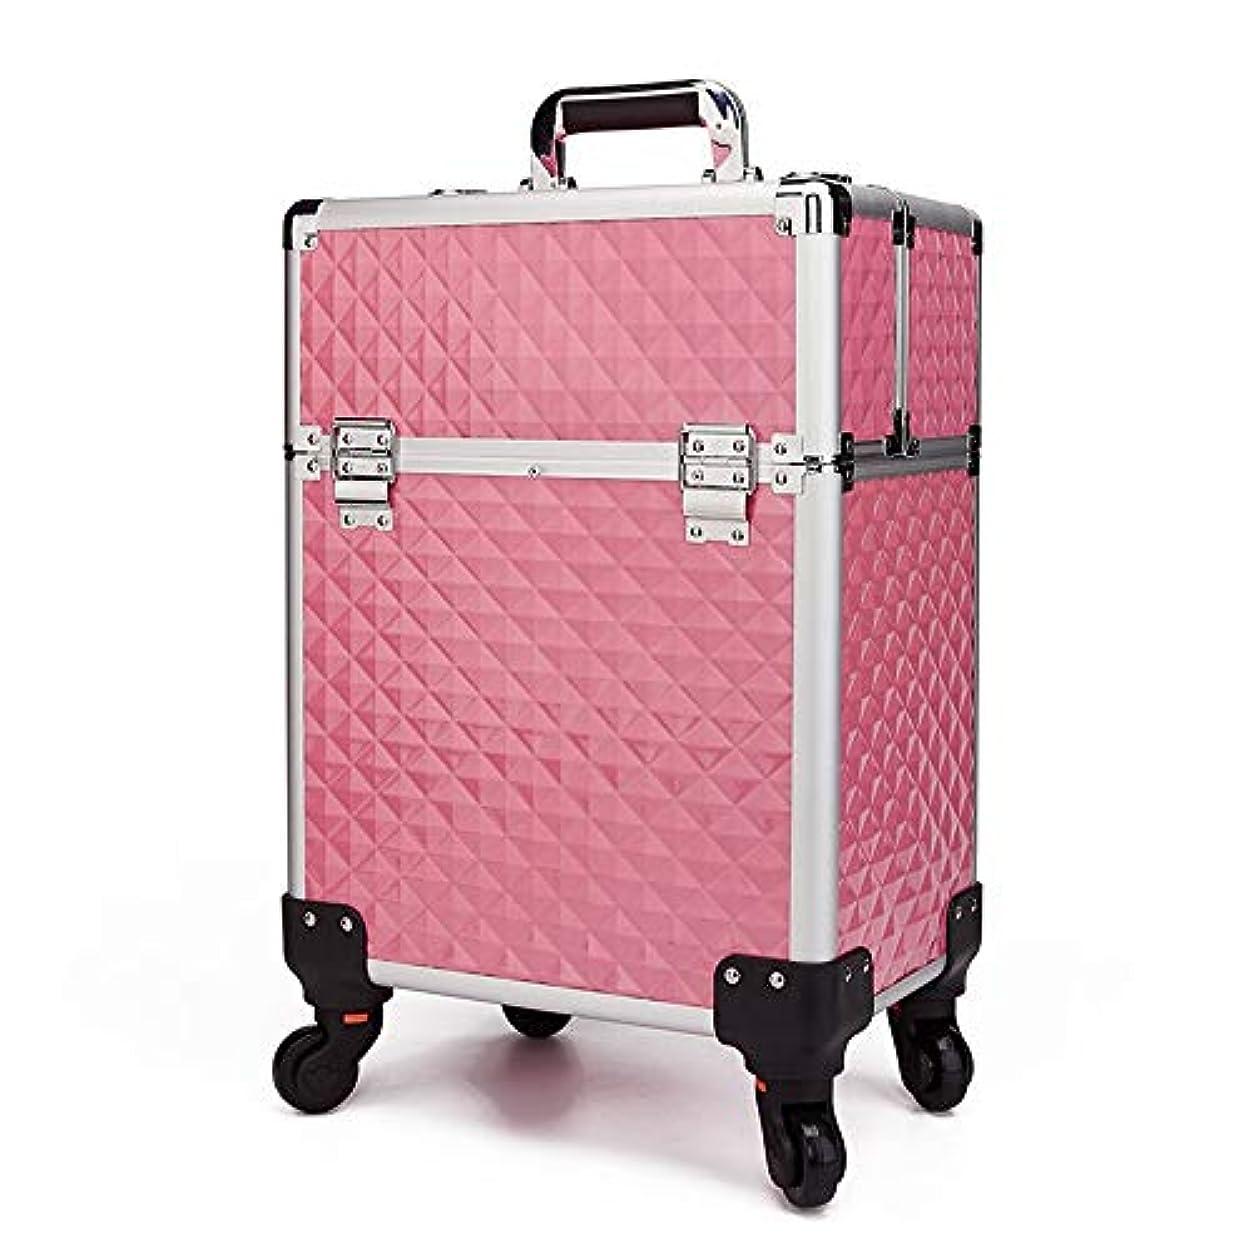 巻き取りレッスンクラッチ特大スペース収納ビューティーボックス 女の子の女性旅行のための新しく、実用的な携帯用化粧箱およびロックおよび皿が付いている毎日の貯蔵 化粧品化粧台 (色 : ピンク)